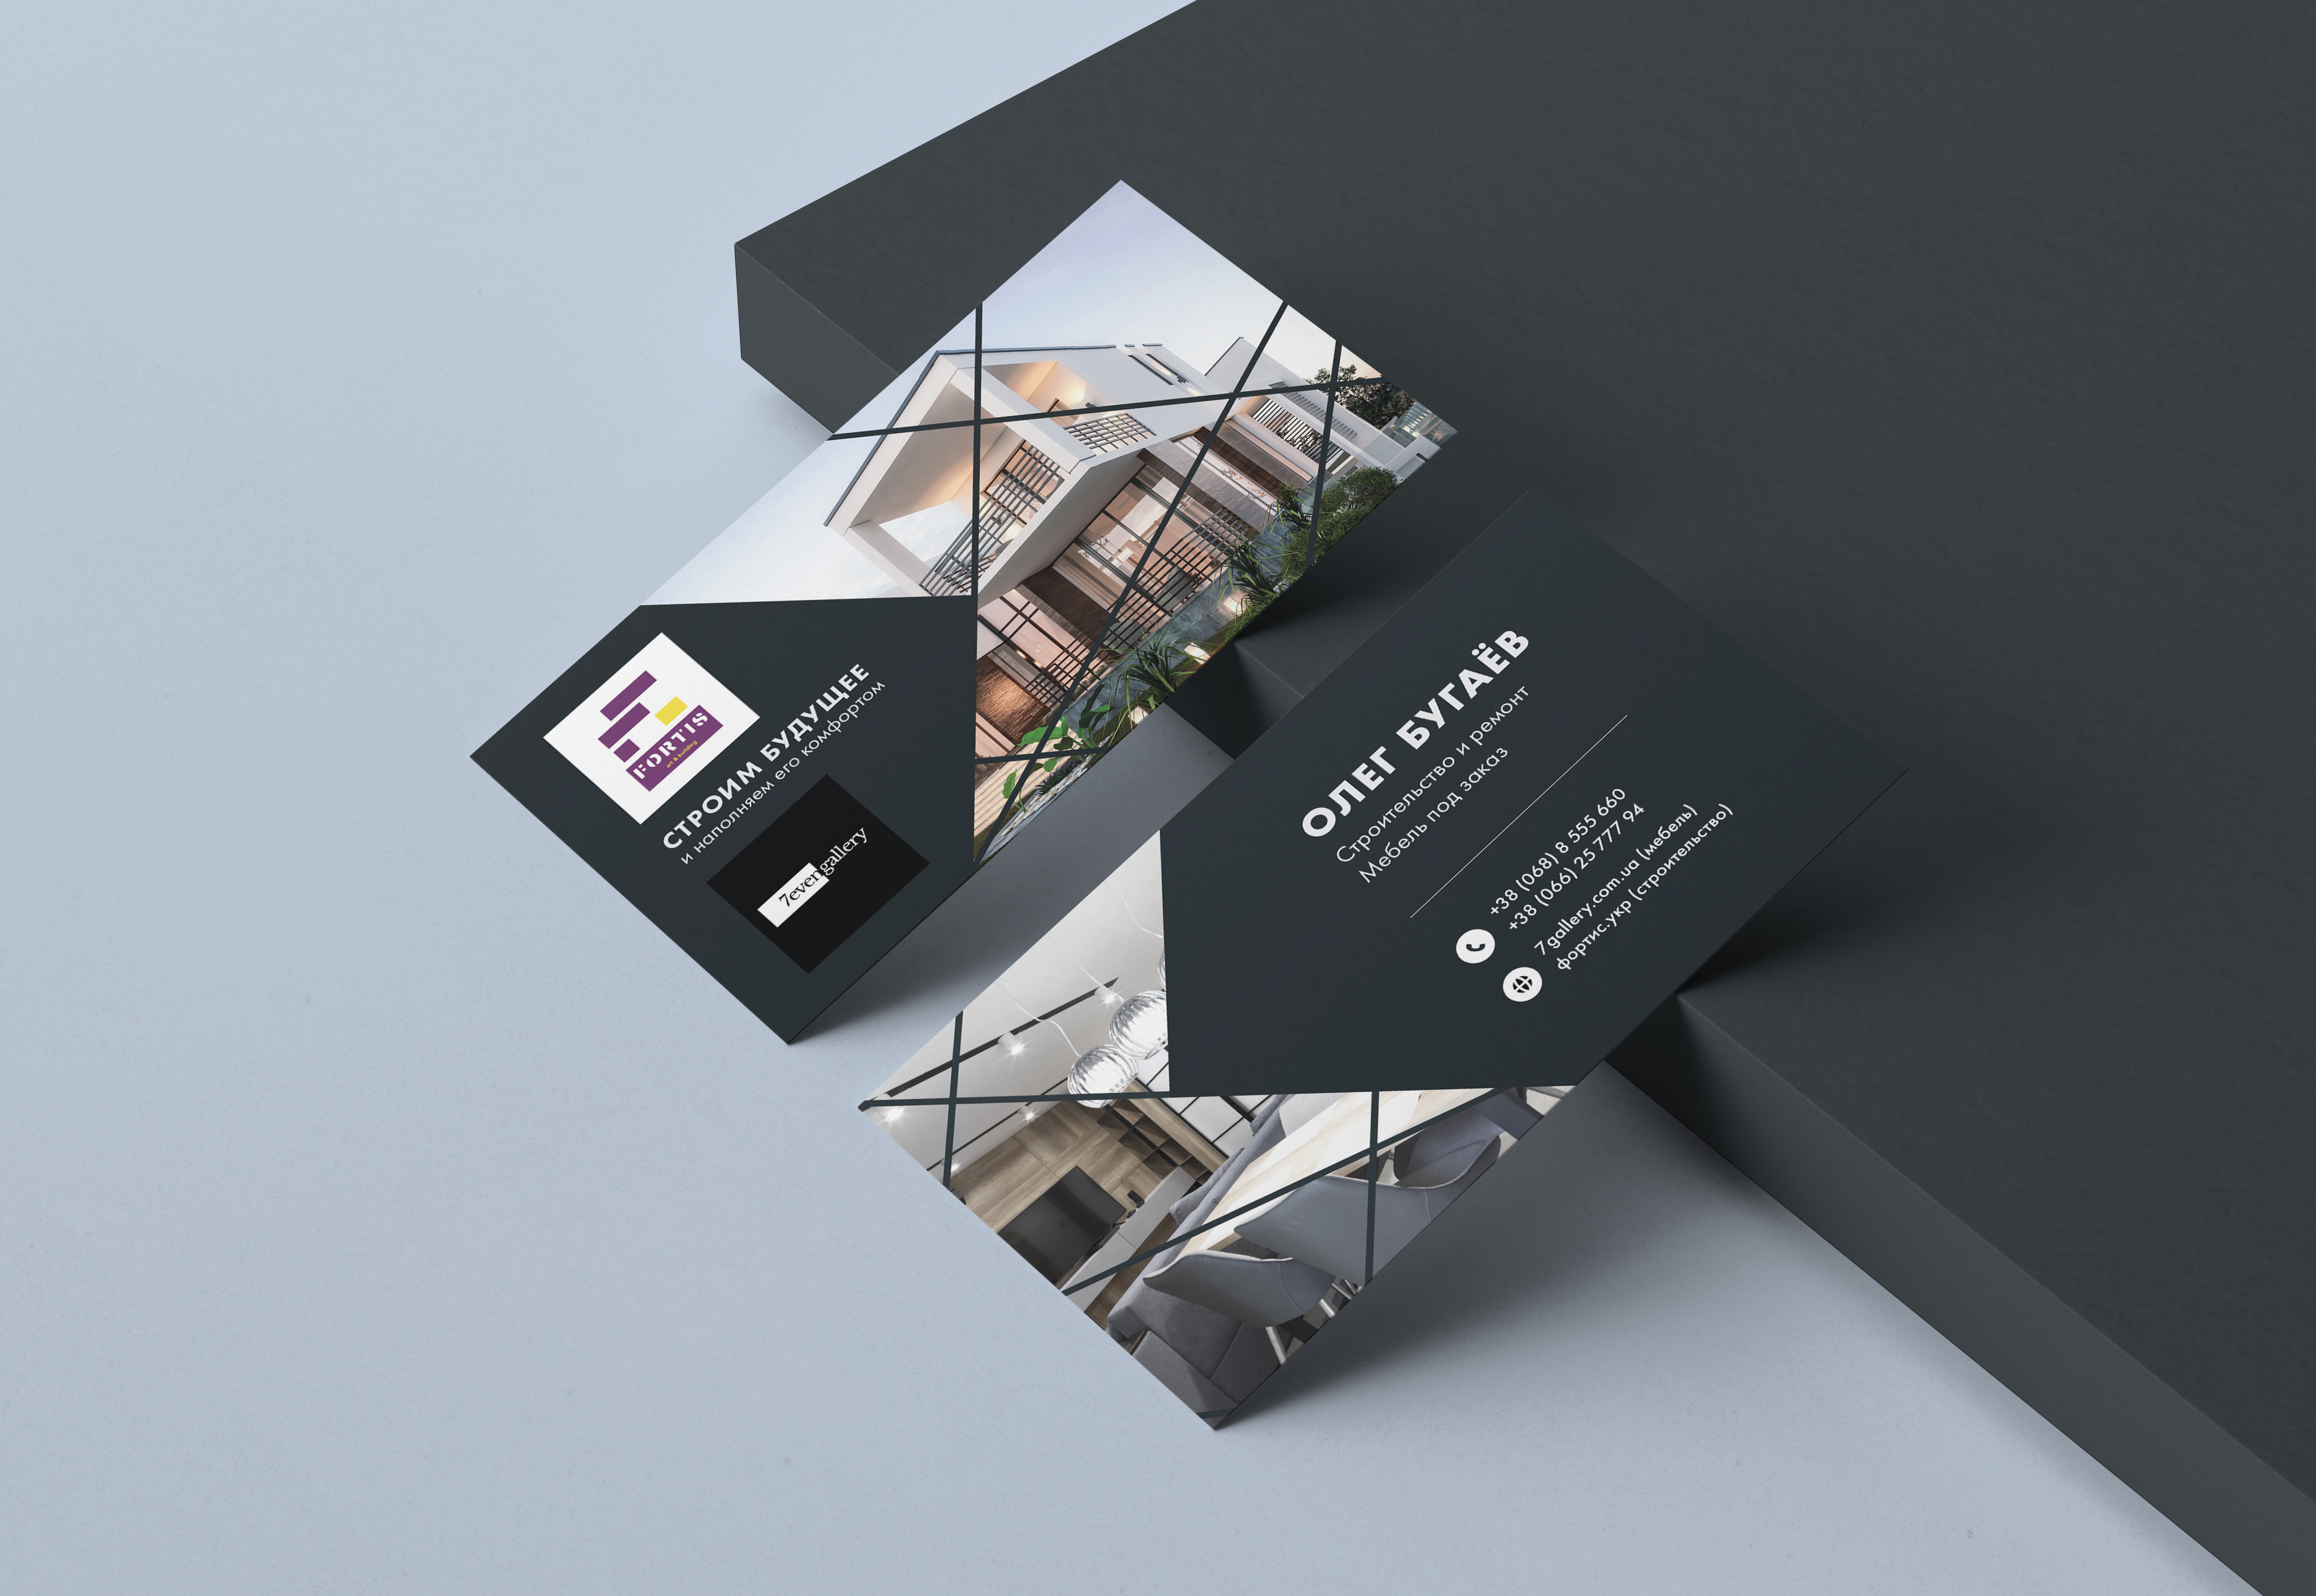 """Фото Дизайн двусторонней визитной карточки для основателя строительной компании """"Fortis"""" и мебельного производства """"7evengallery""""."""